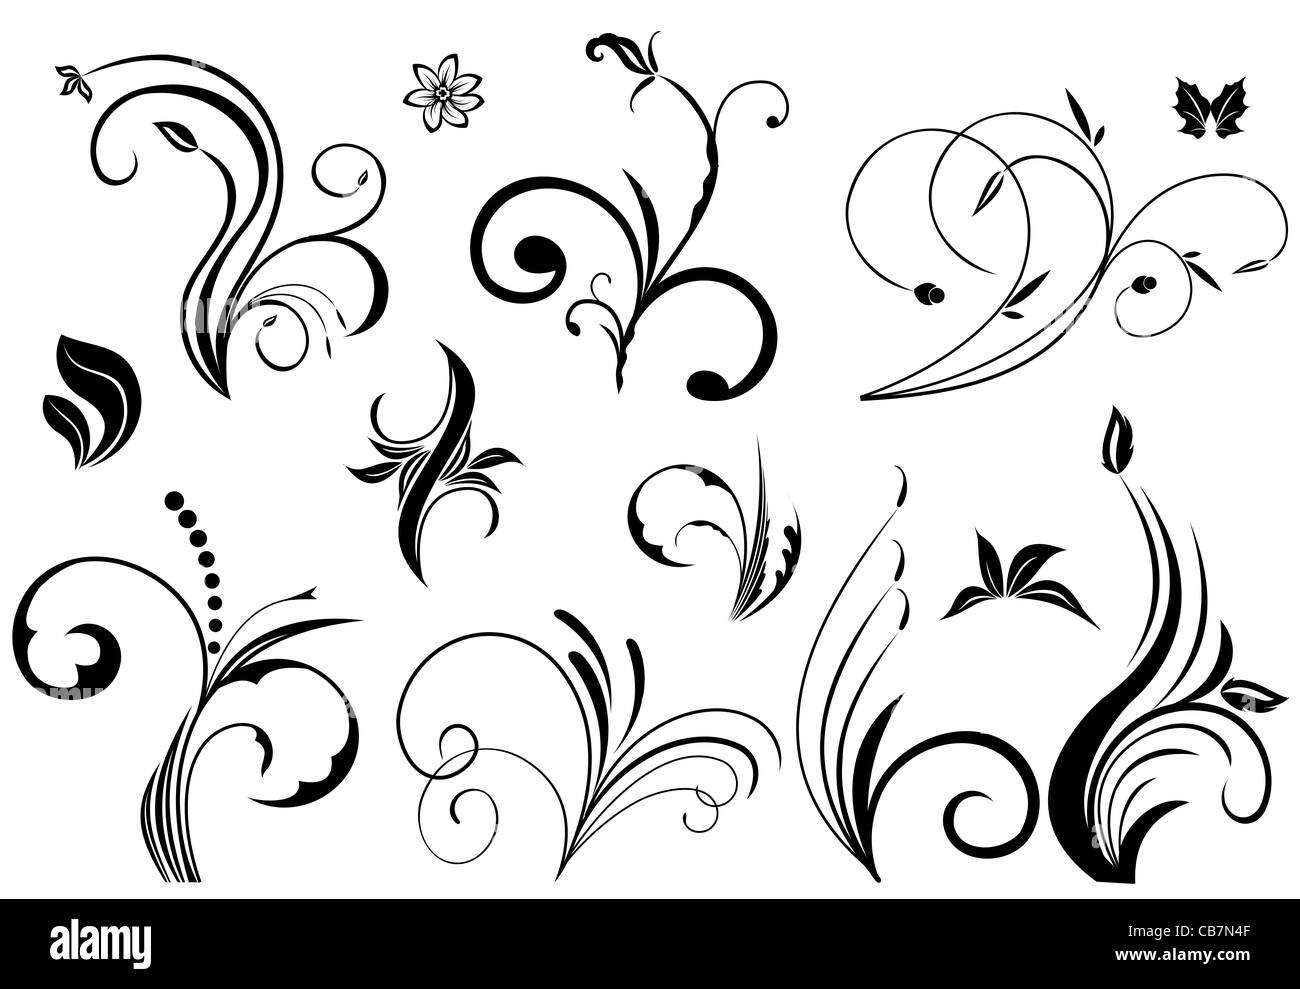 Illustration Set Floral Ornate Design Elements Vector Stock Photo Alamy